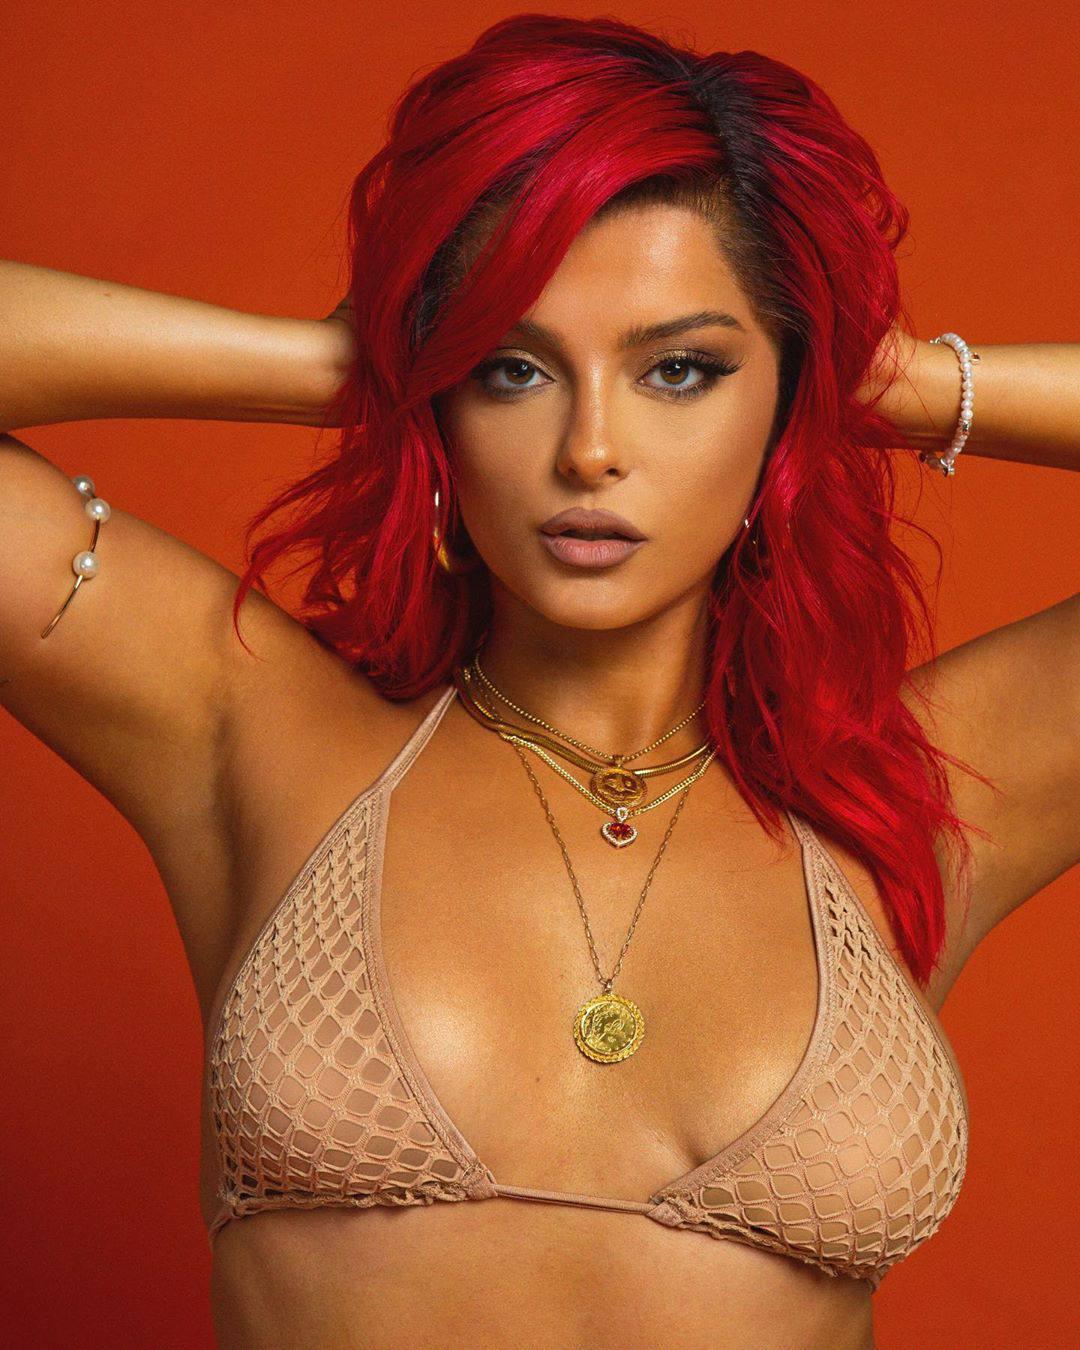 Bebe Rexha Sexy In Bra